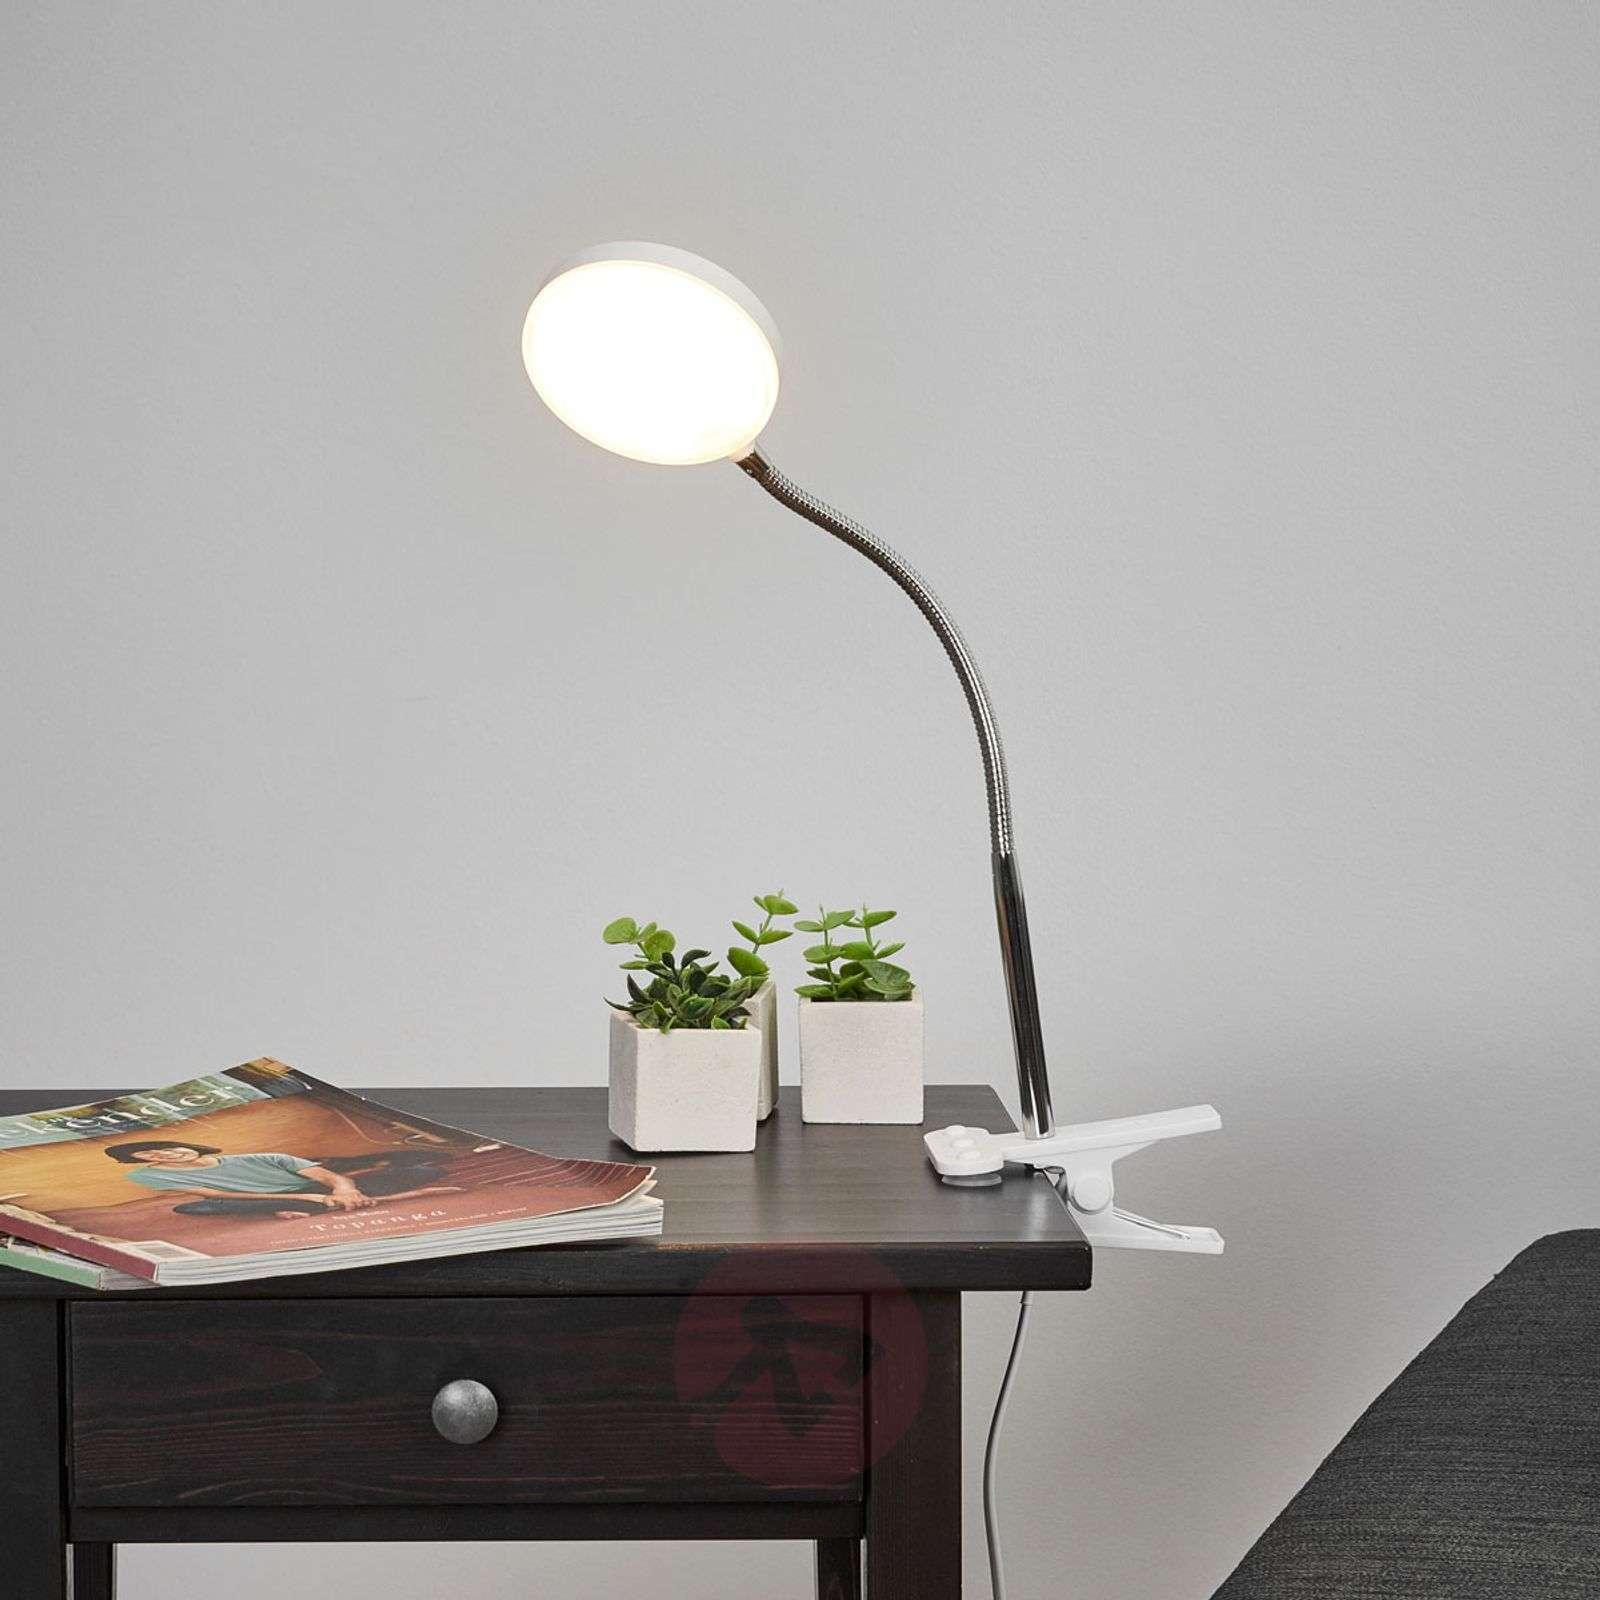 Milow-klipsivalaisin työpöydälle LED, joustovarsi-9643027-02